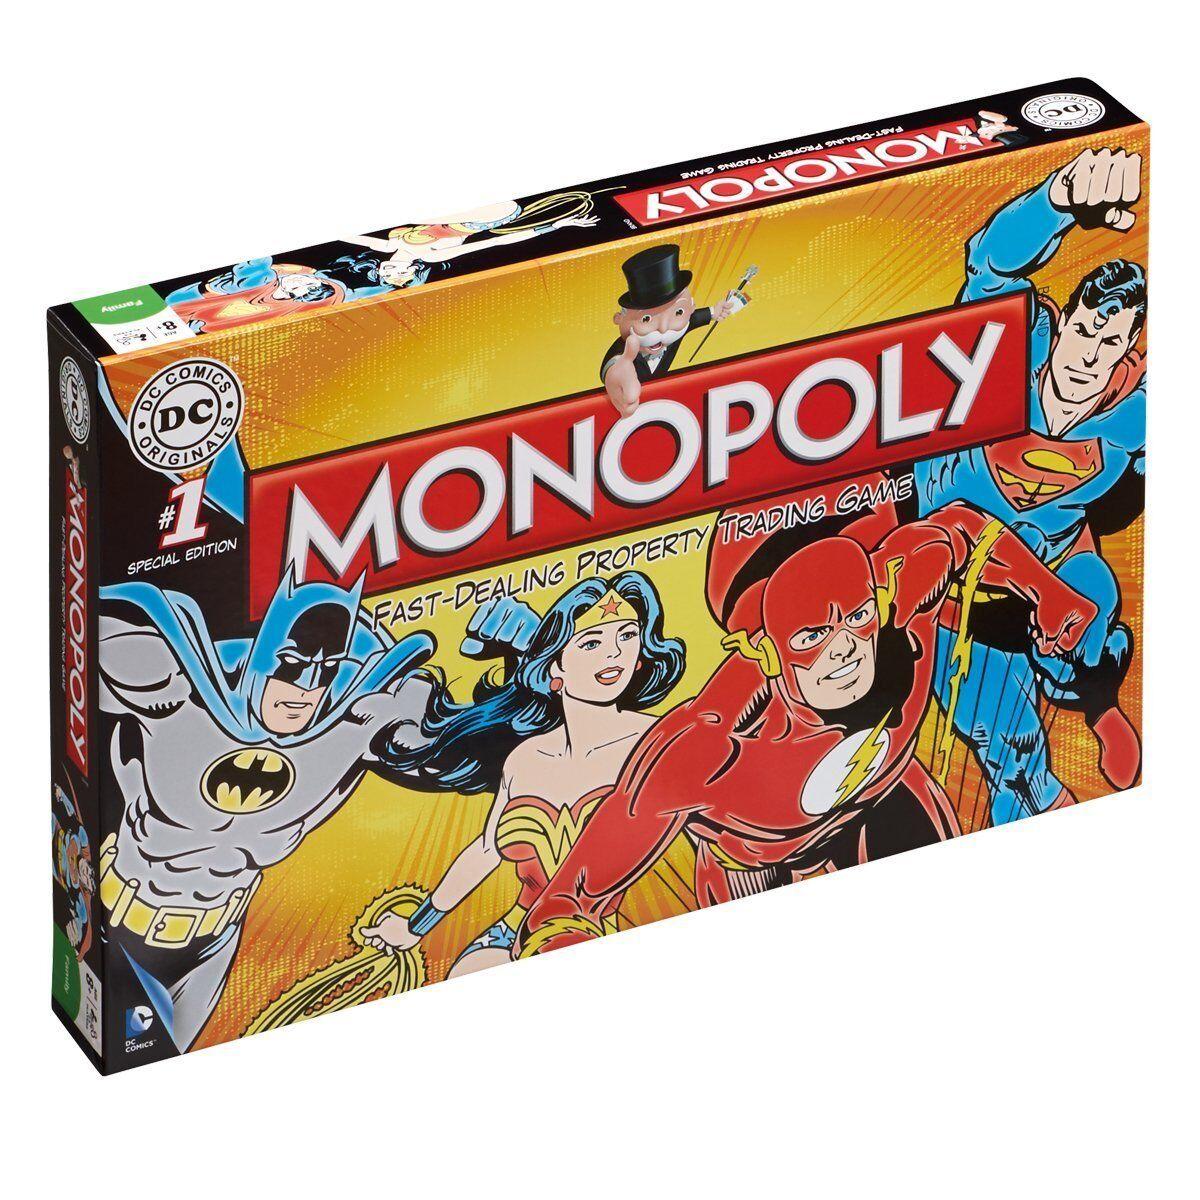 Dc Comics Retro Monopoly Juego de Mesa  Nuevo Precintado Bathomme Superhomme  sortie de vente pas cher en ligne